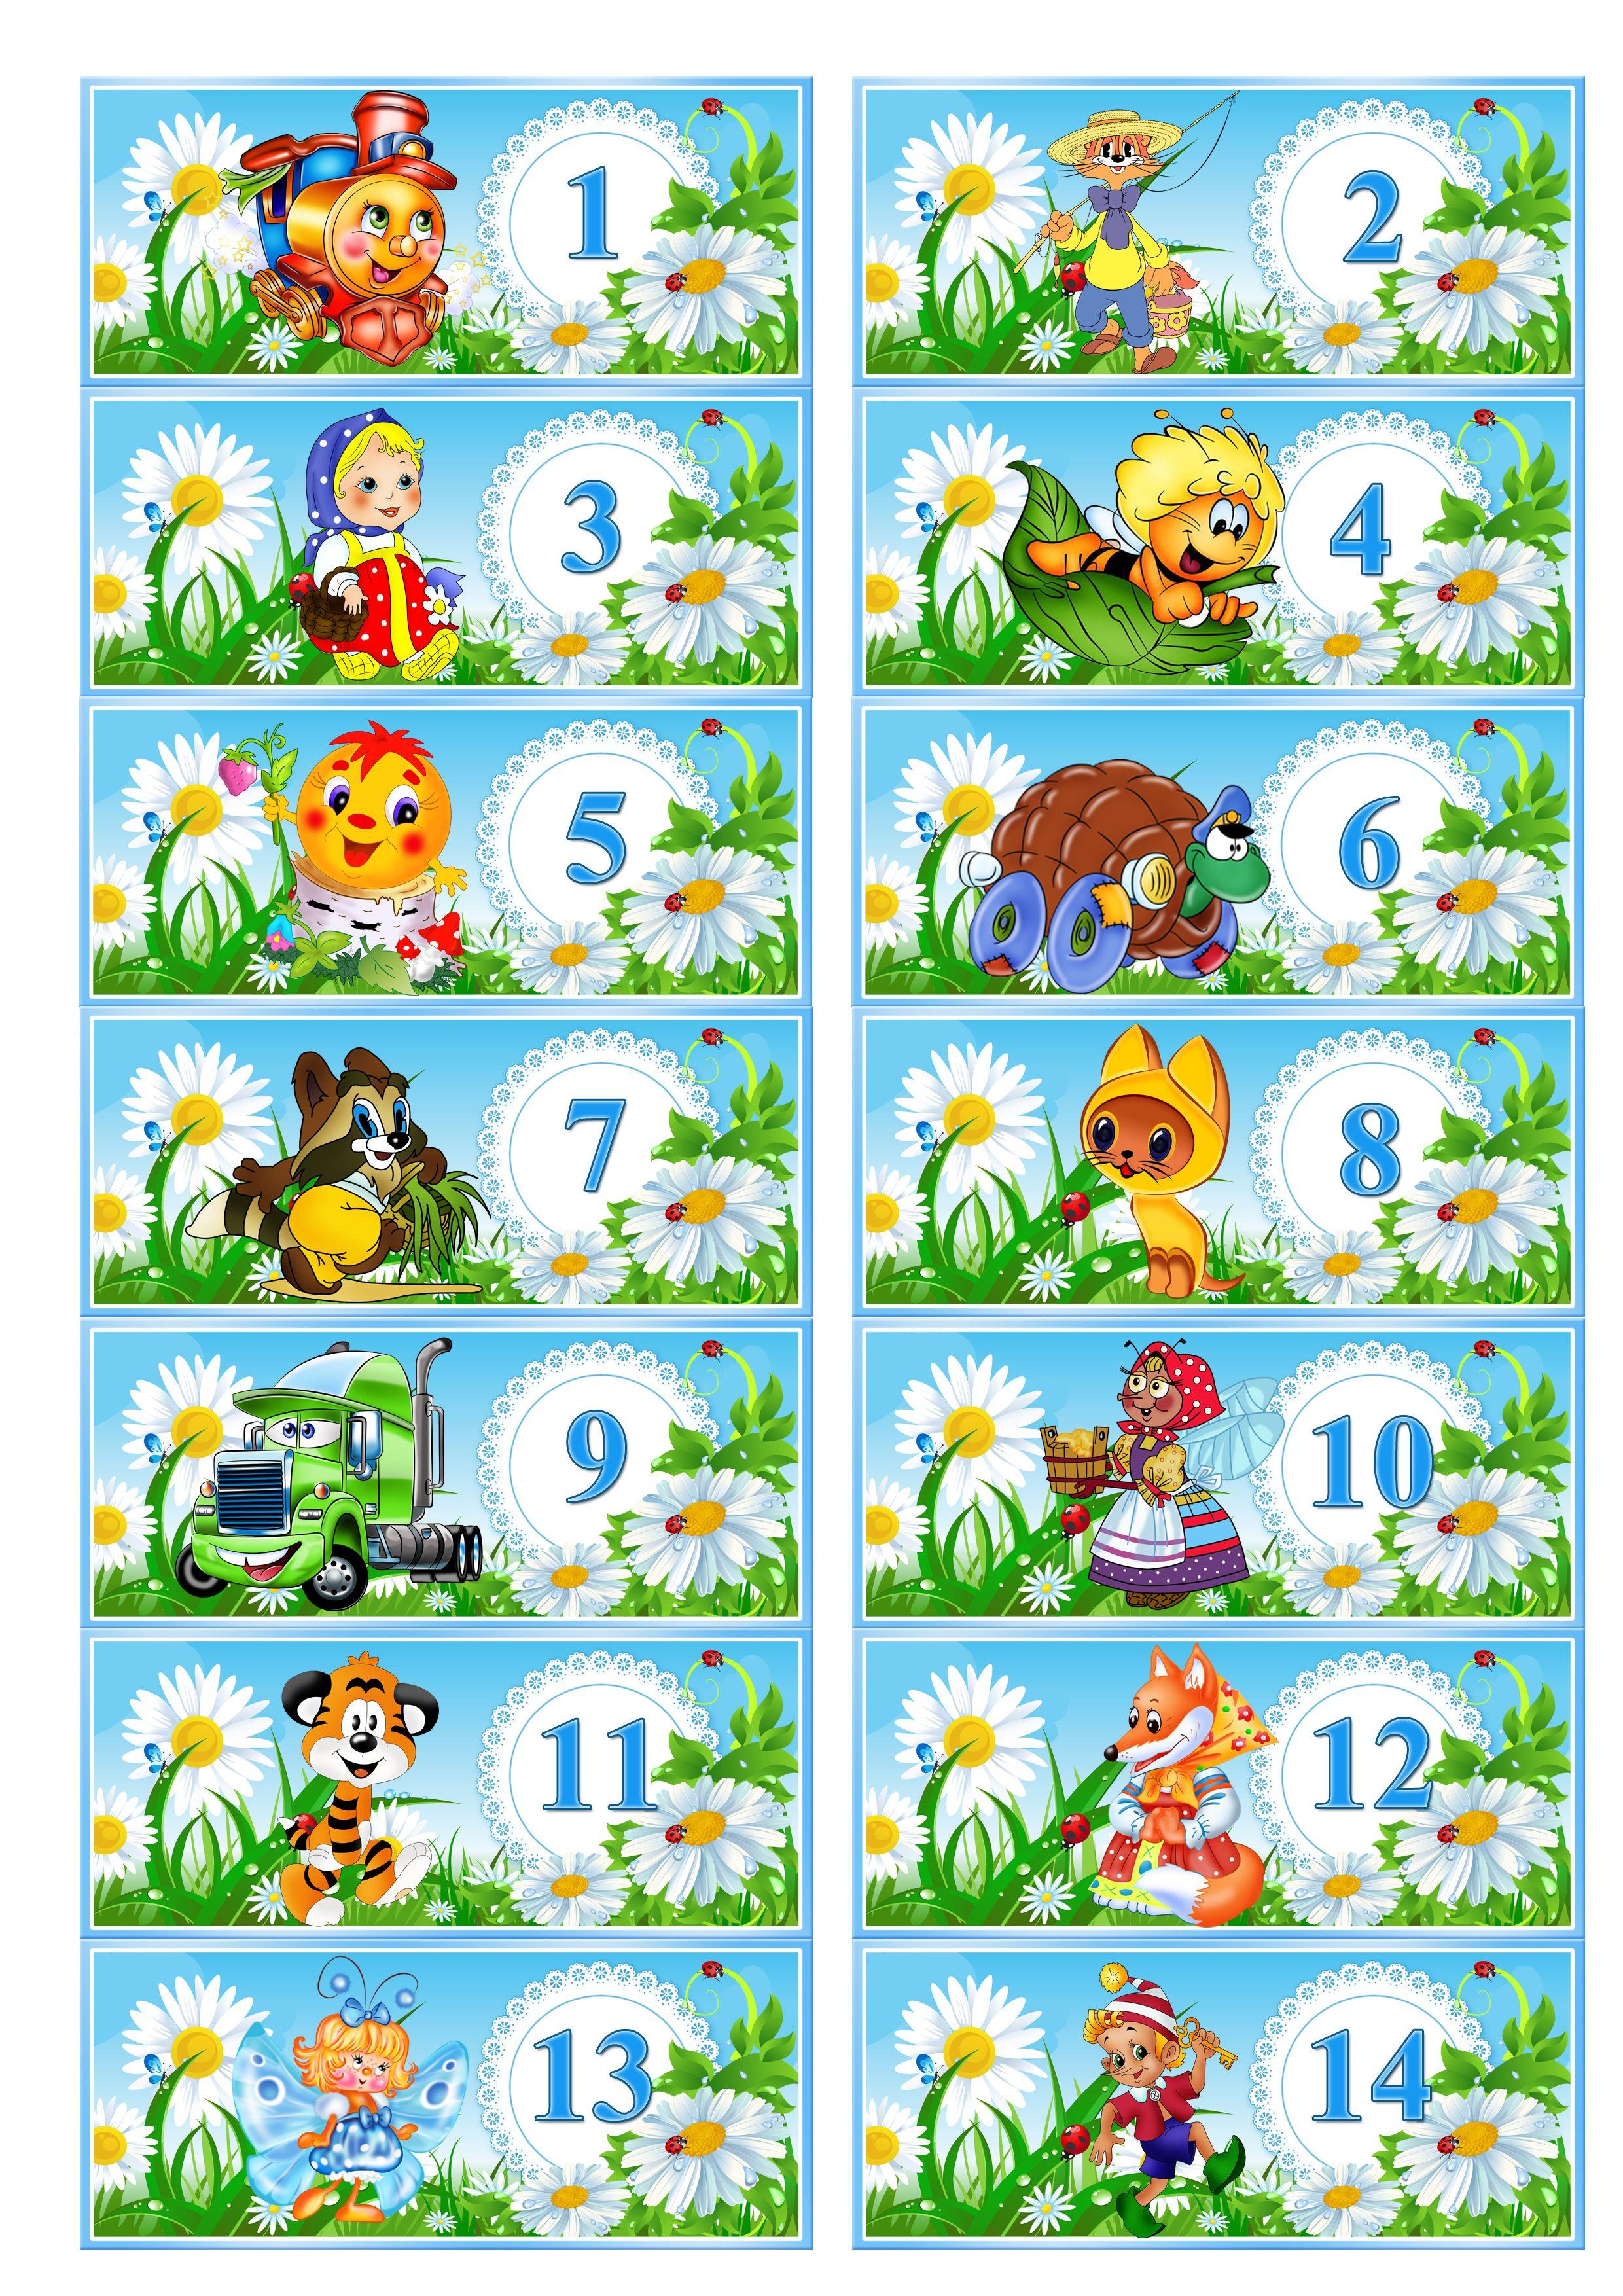 Цифры с картинками на детские шкафчики в детском саду 2